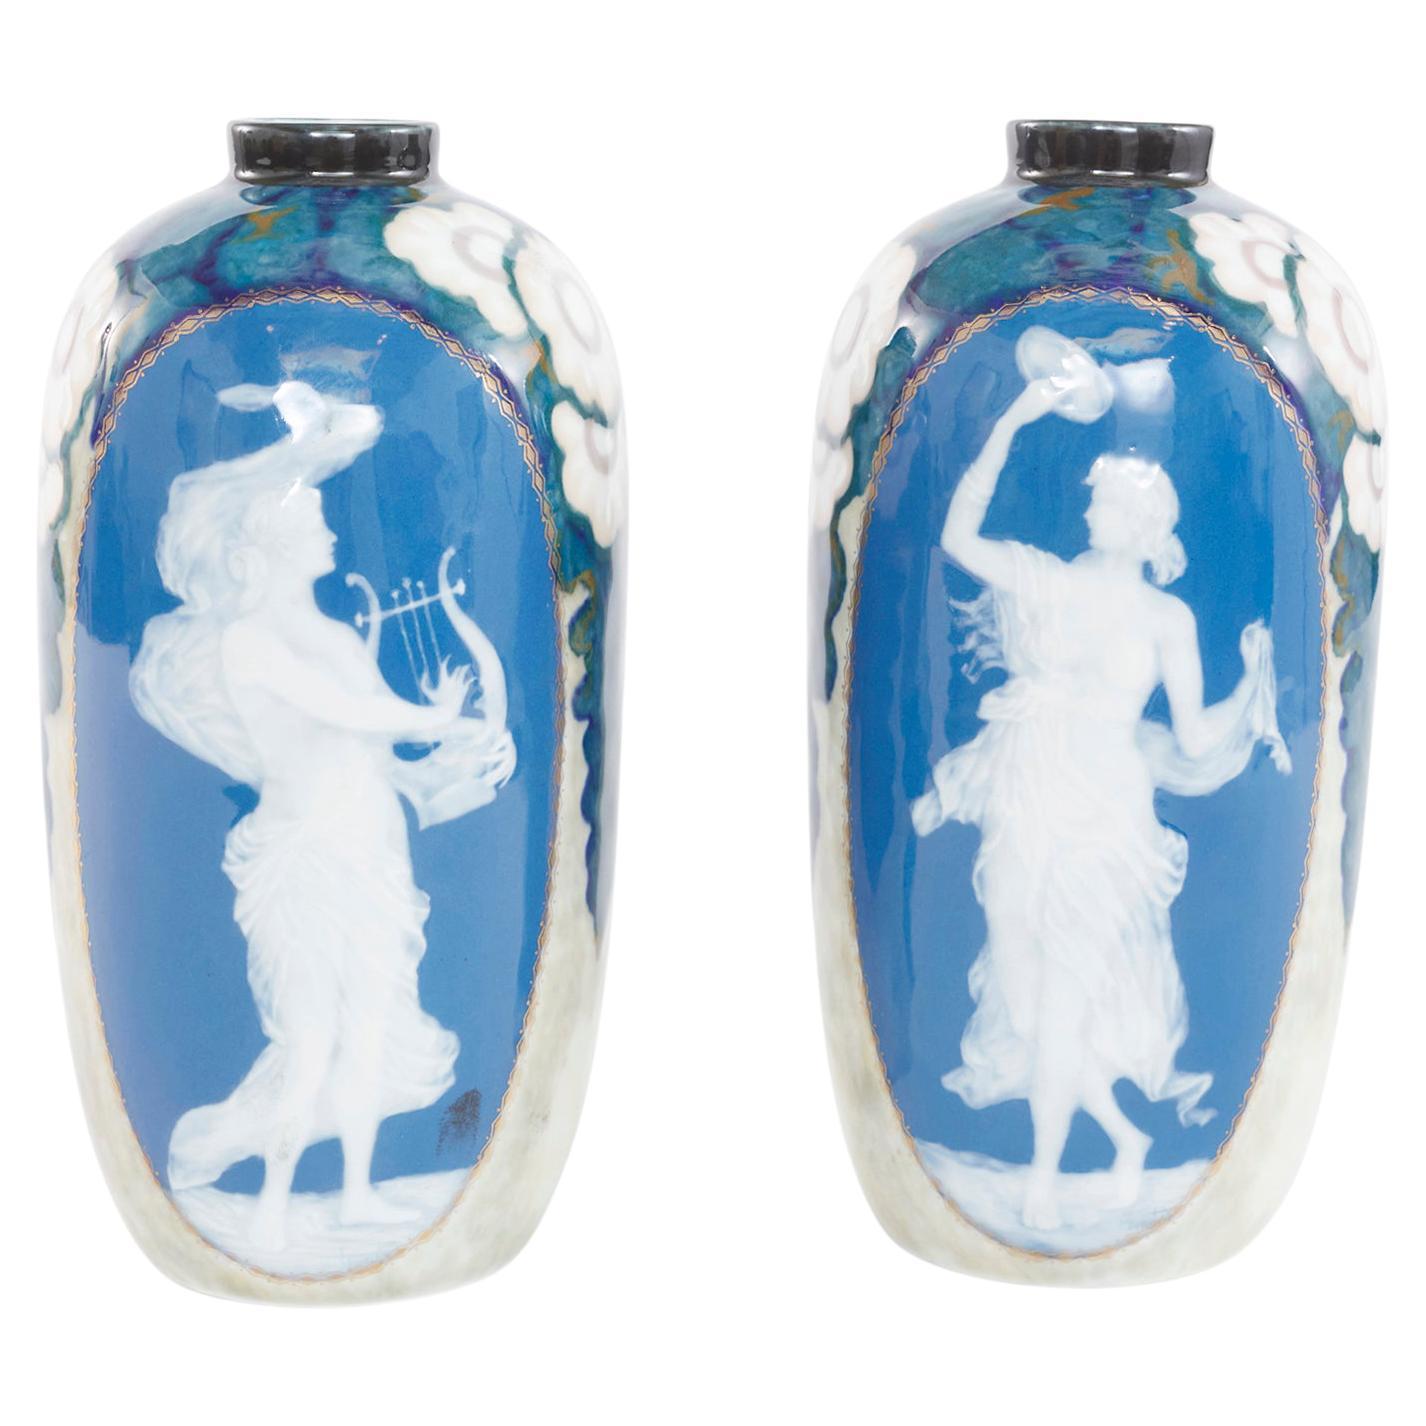 20th Century Pate-Sur-Pate Decorative Vases